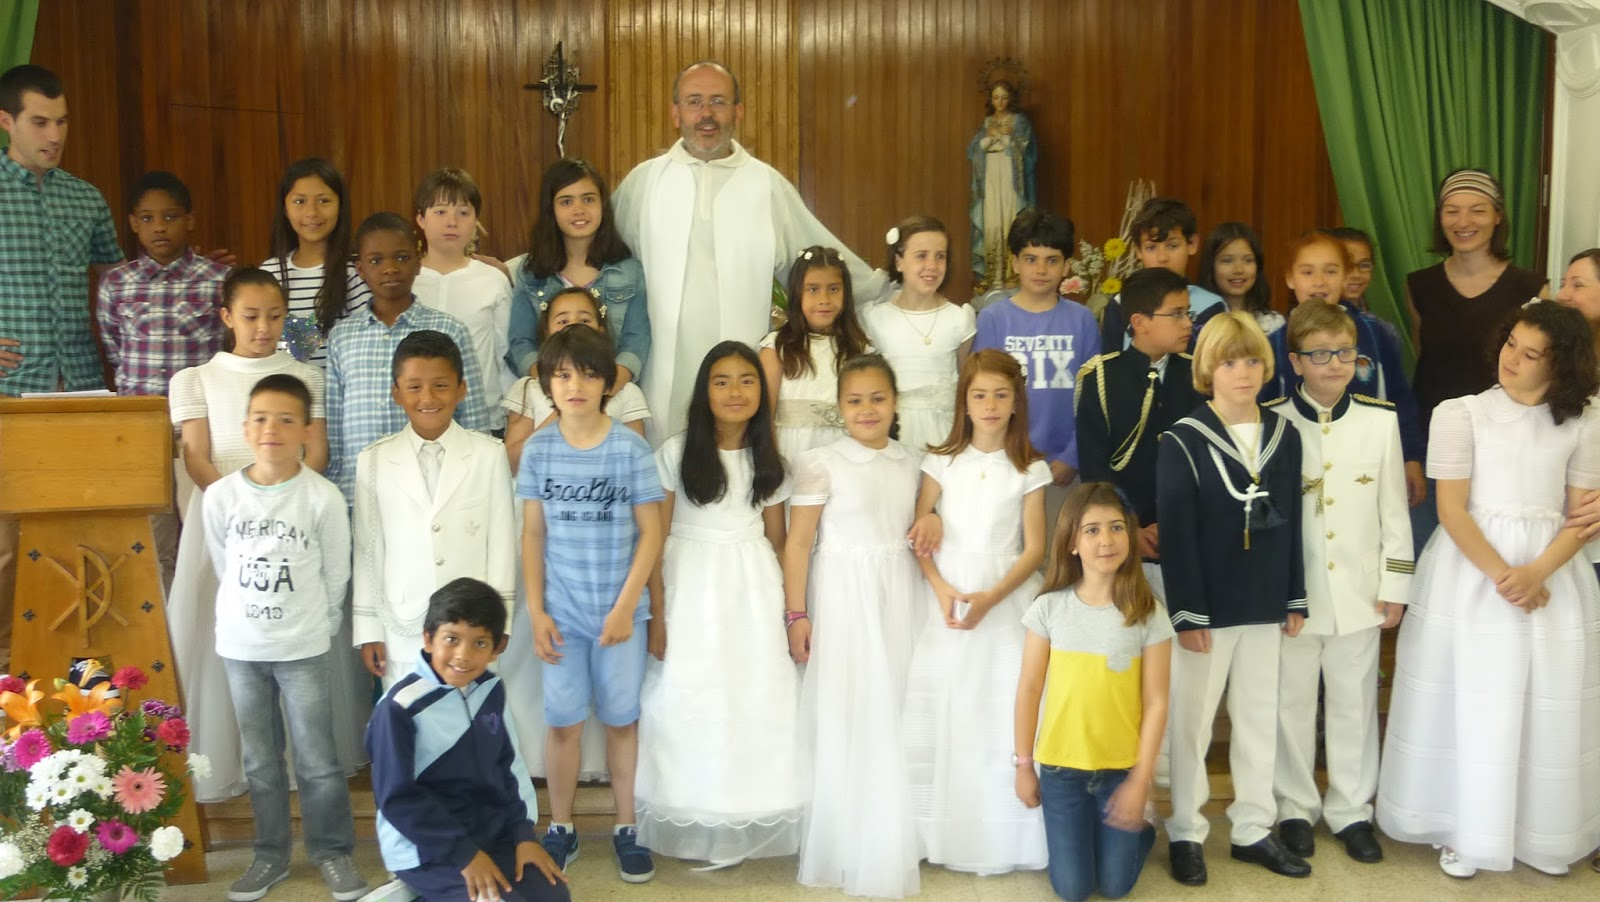 Colegio amor de dios burlada celebraci n de las primeras - Colegio amor de dios oviedo ...